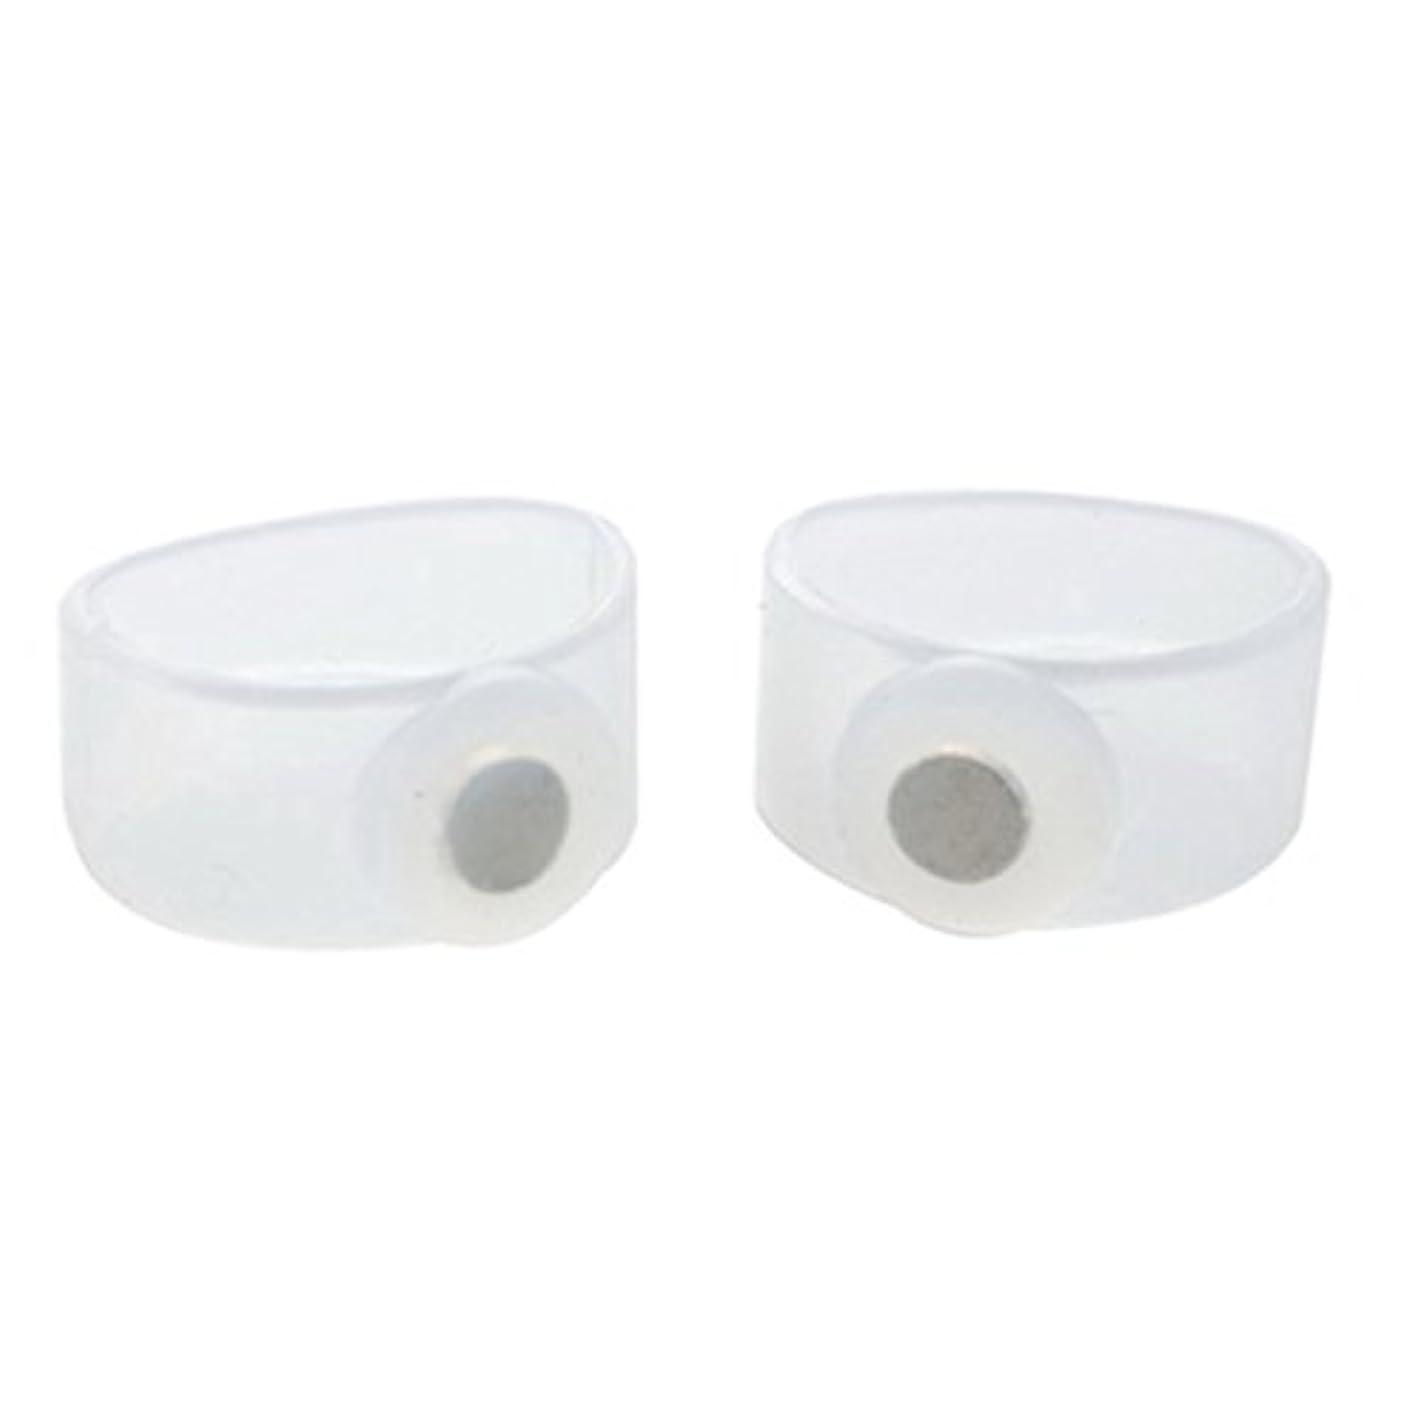 肝ジャニスケニア2ピースSlim身シリコン磁気フットマッサージャーマッサージリラックストーリング減量ヘルスケアツール美容製品-透明